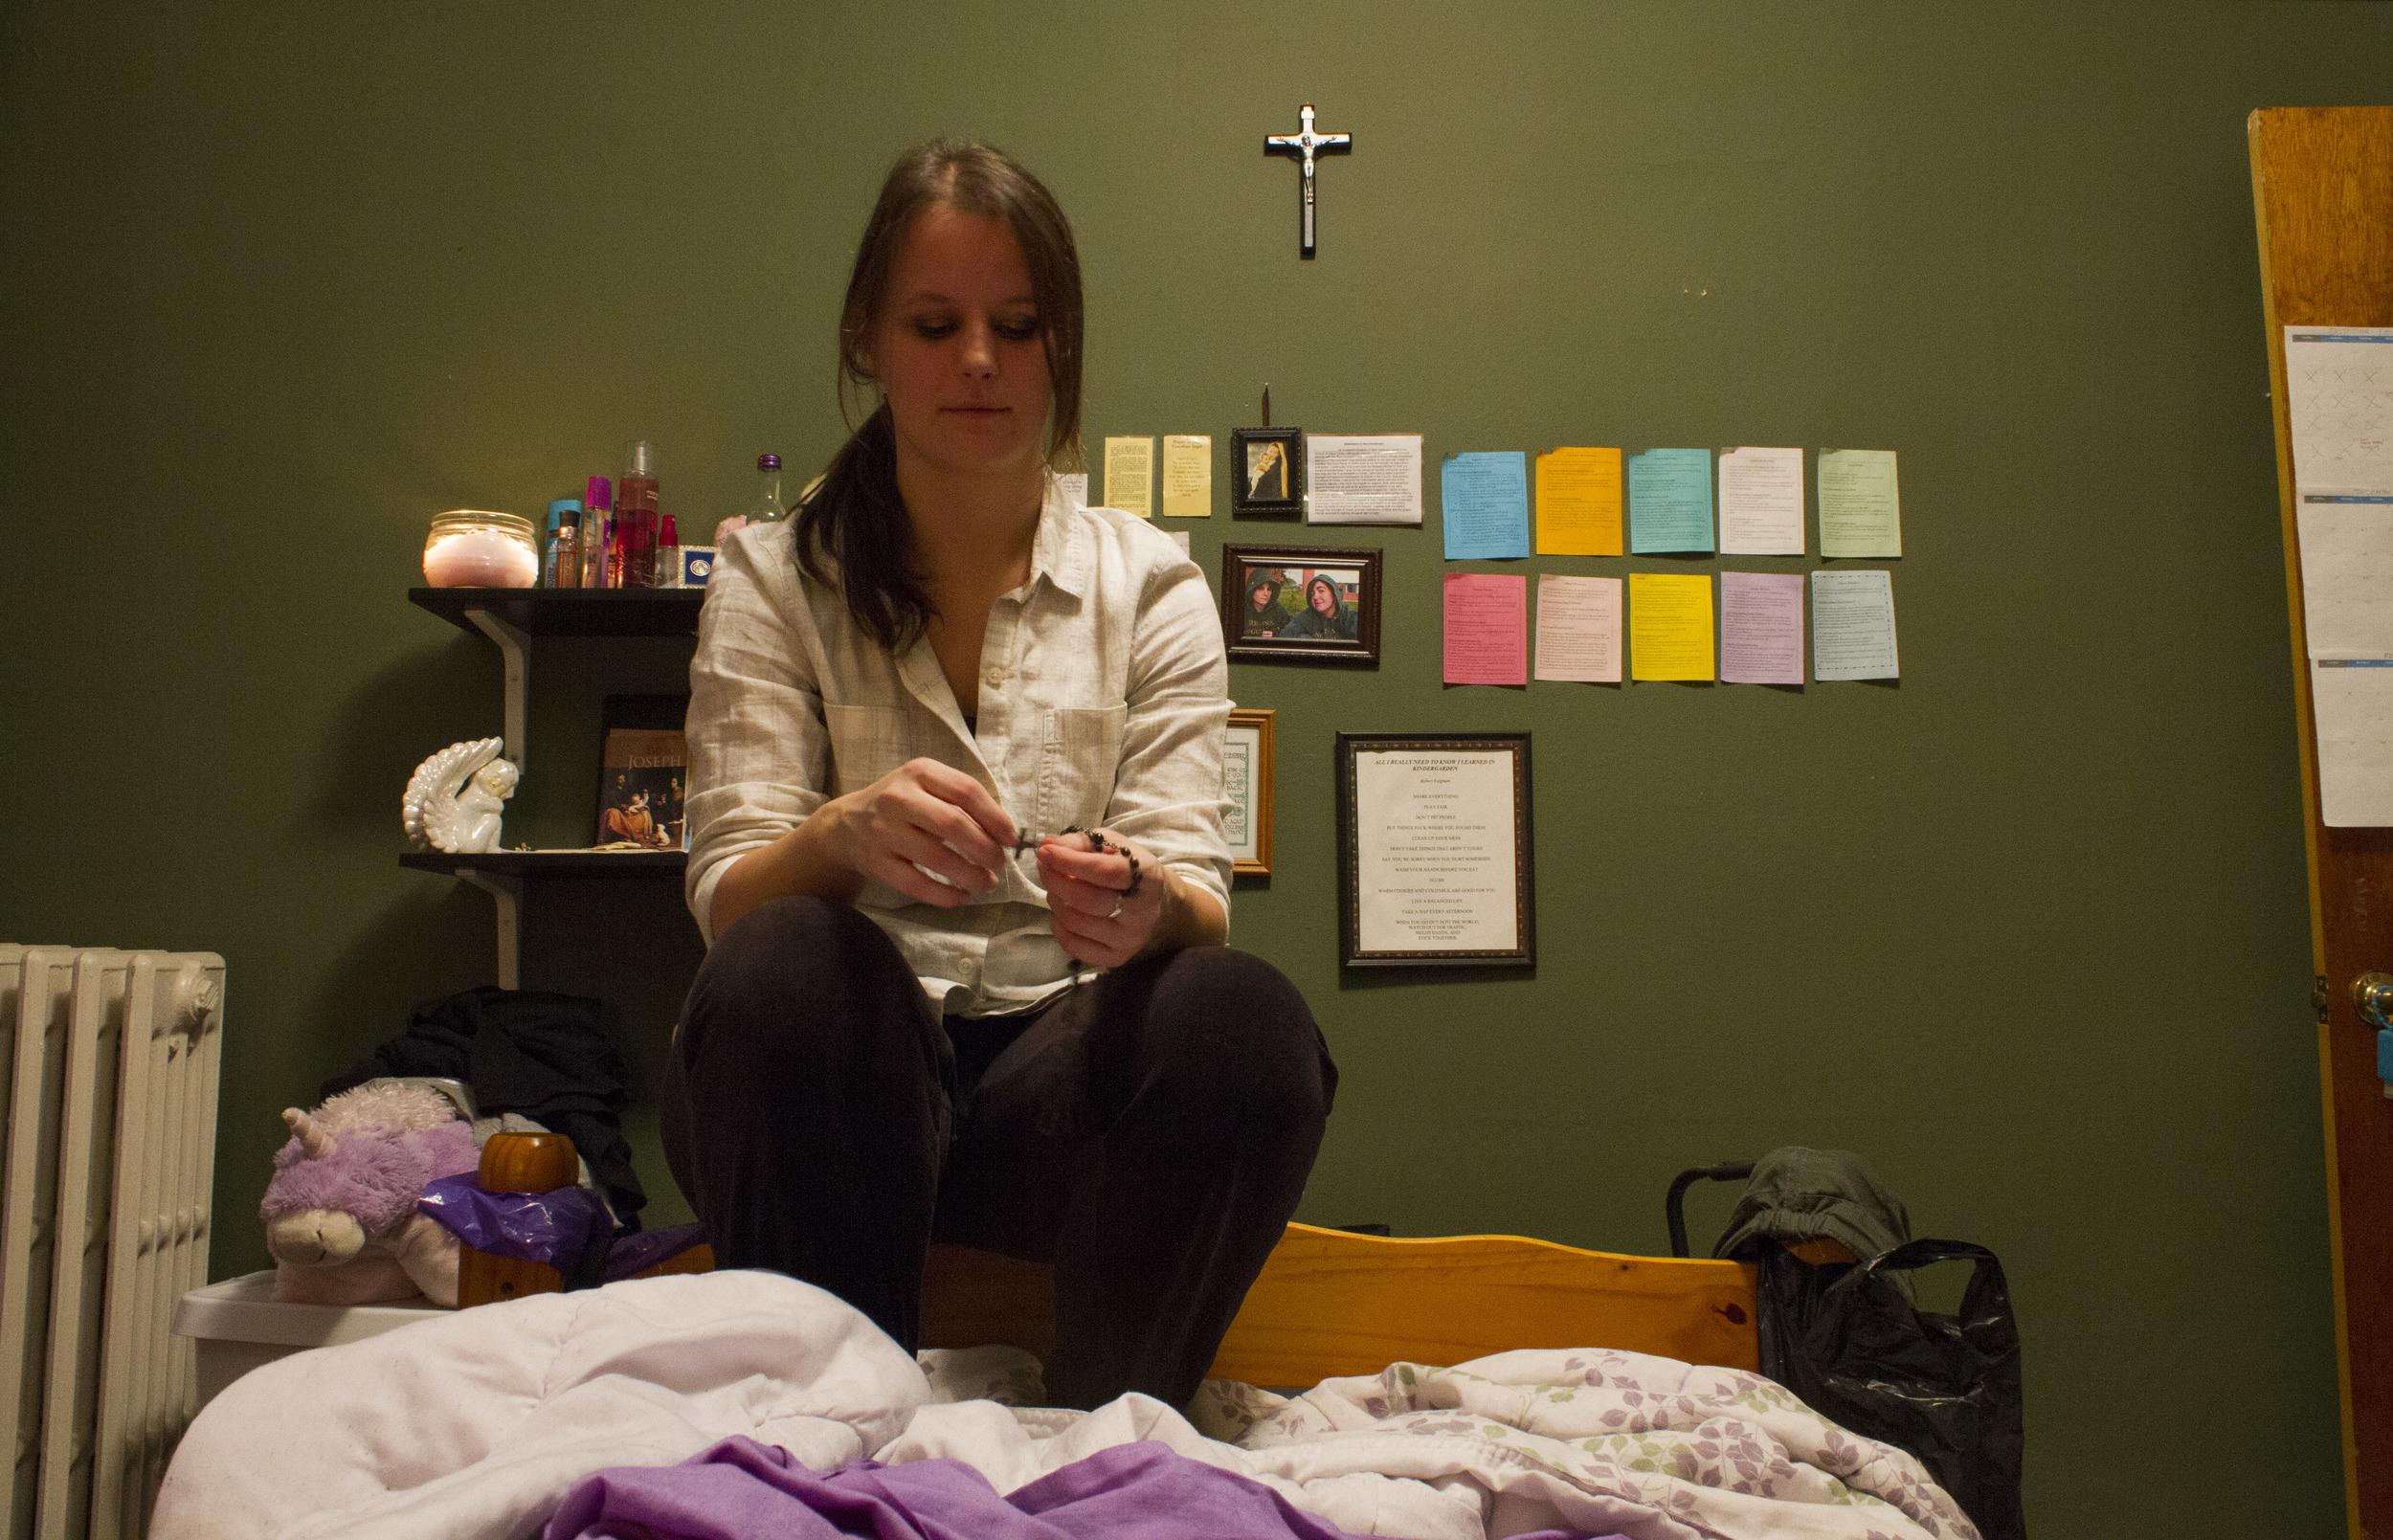 Catholic Minister Melissa McChesney, 24, holds rosary beads before evening prayers.